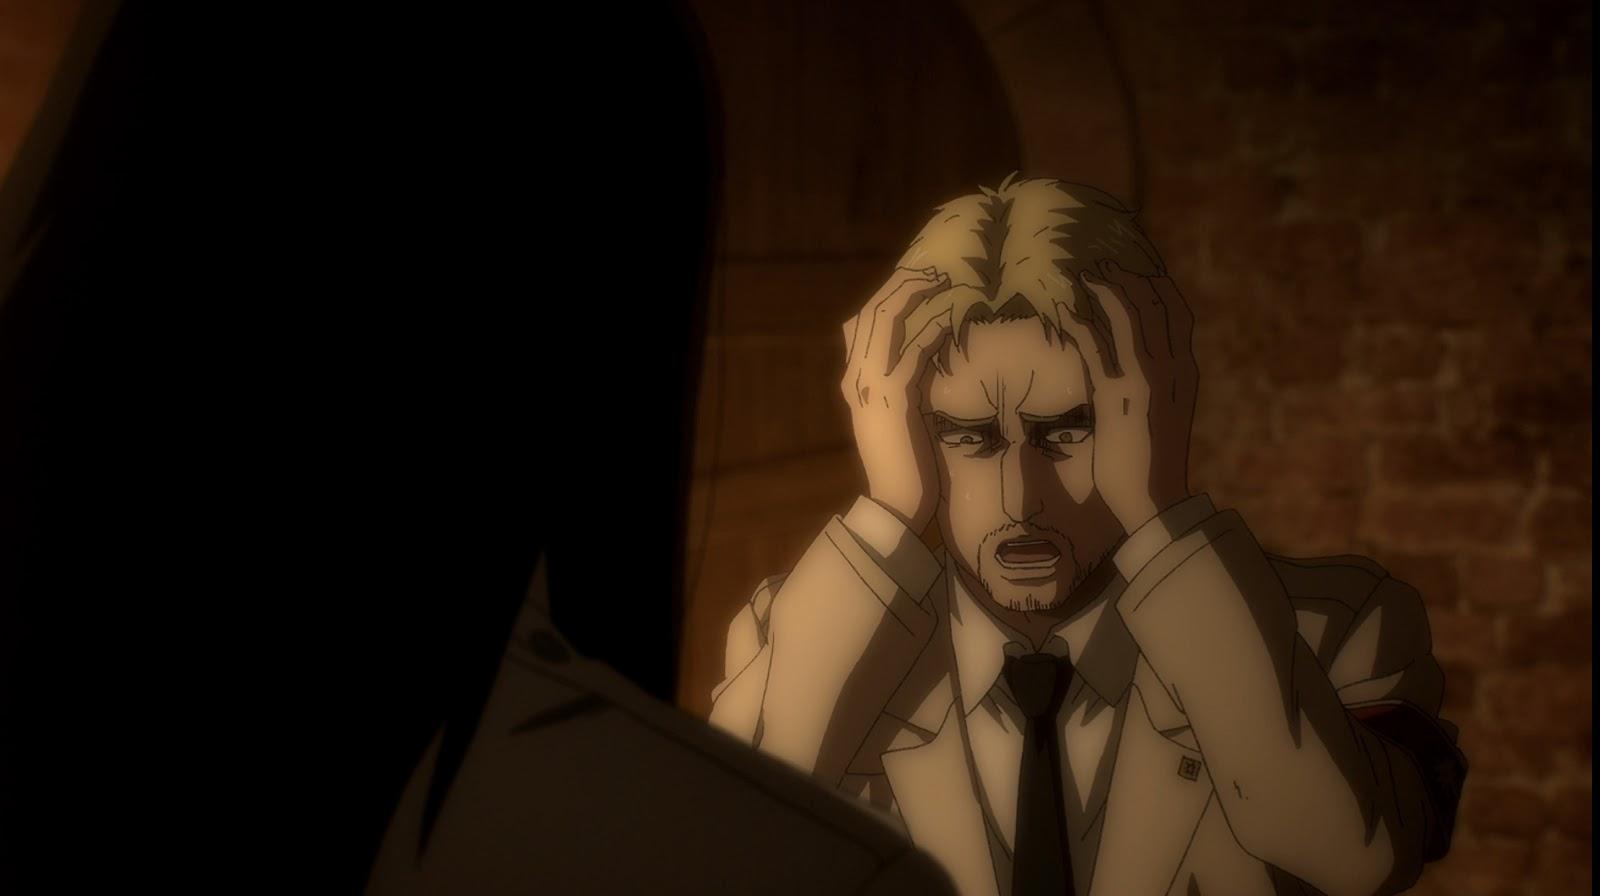 Shingeki no Kyojin Attack on Titan Temporada final parte 1 reseña crítica análisis